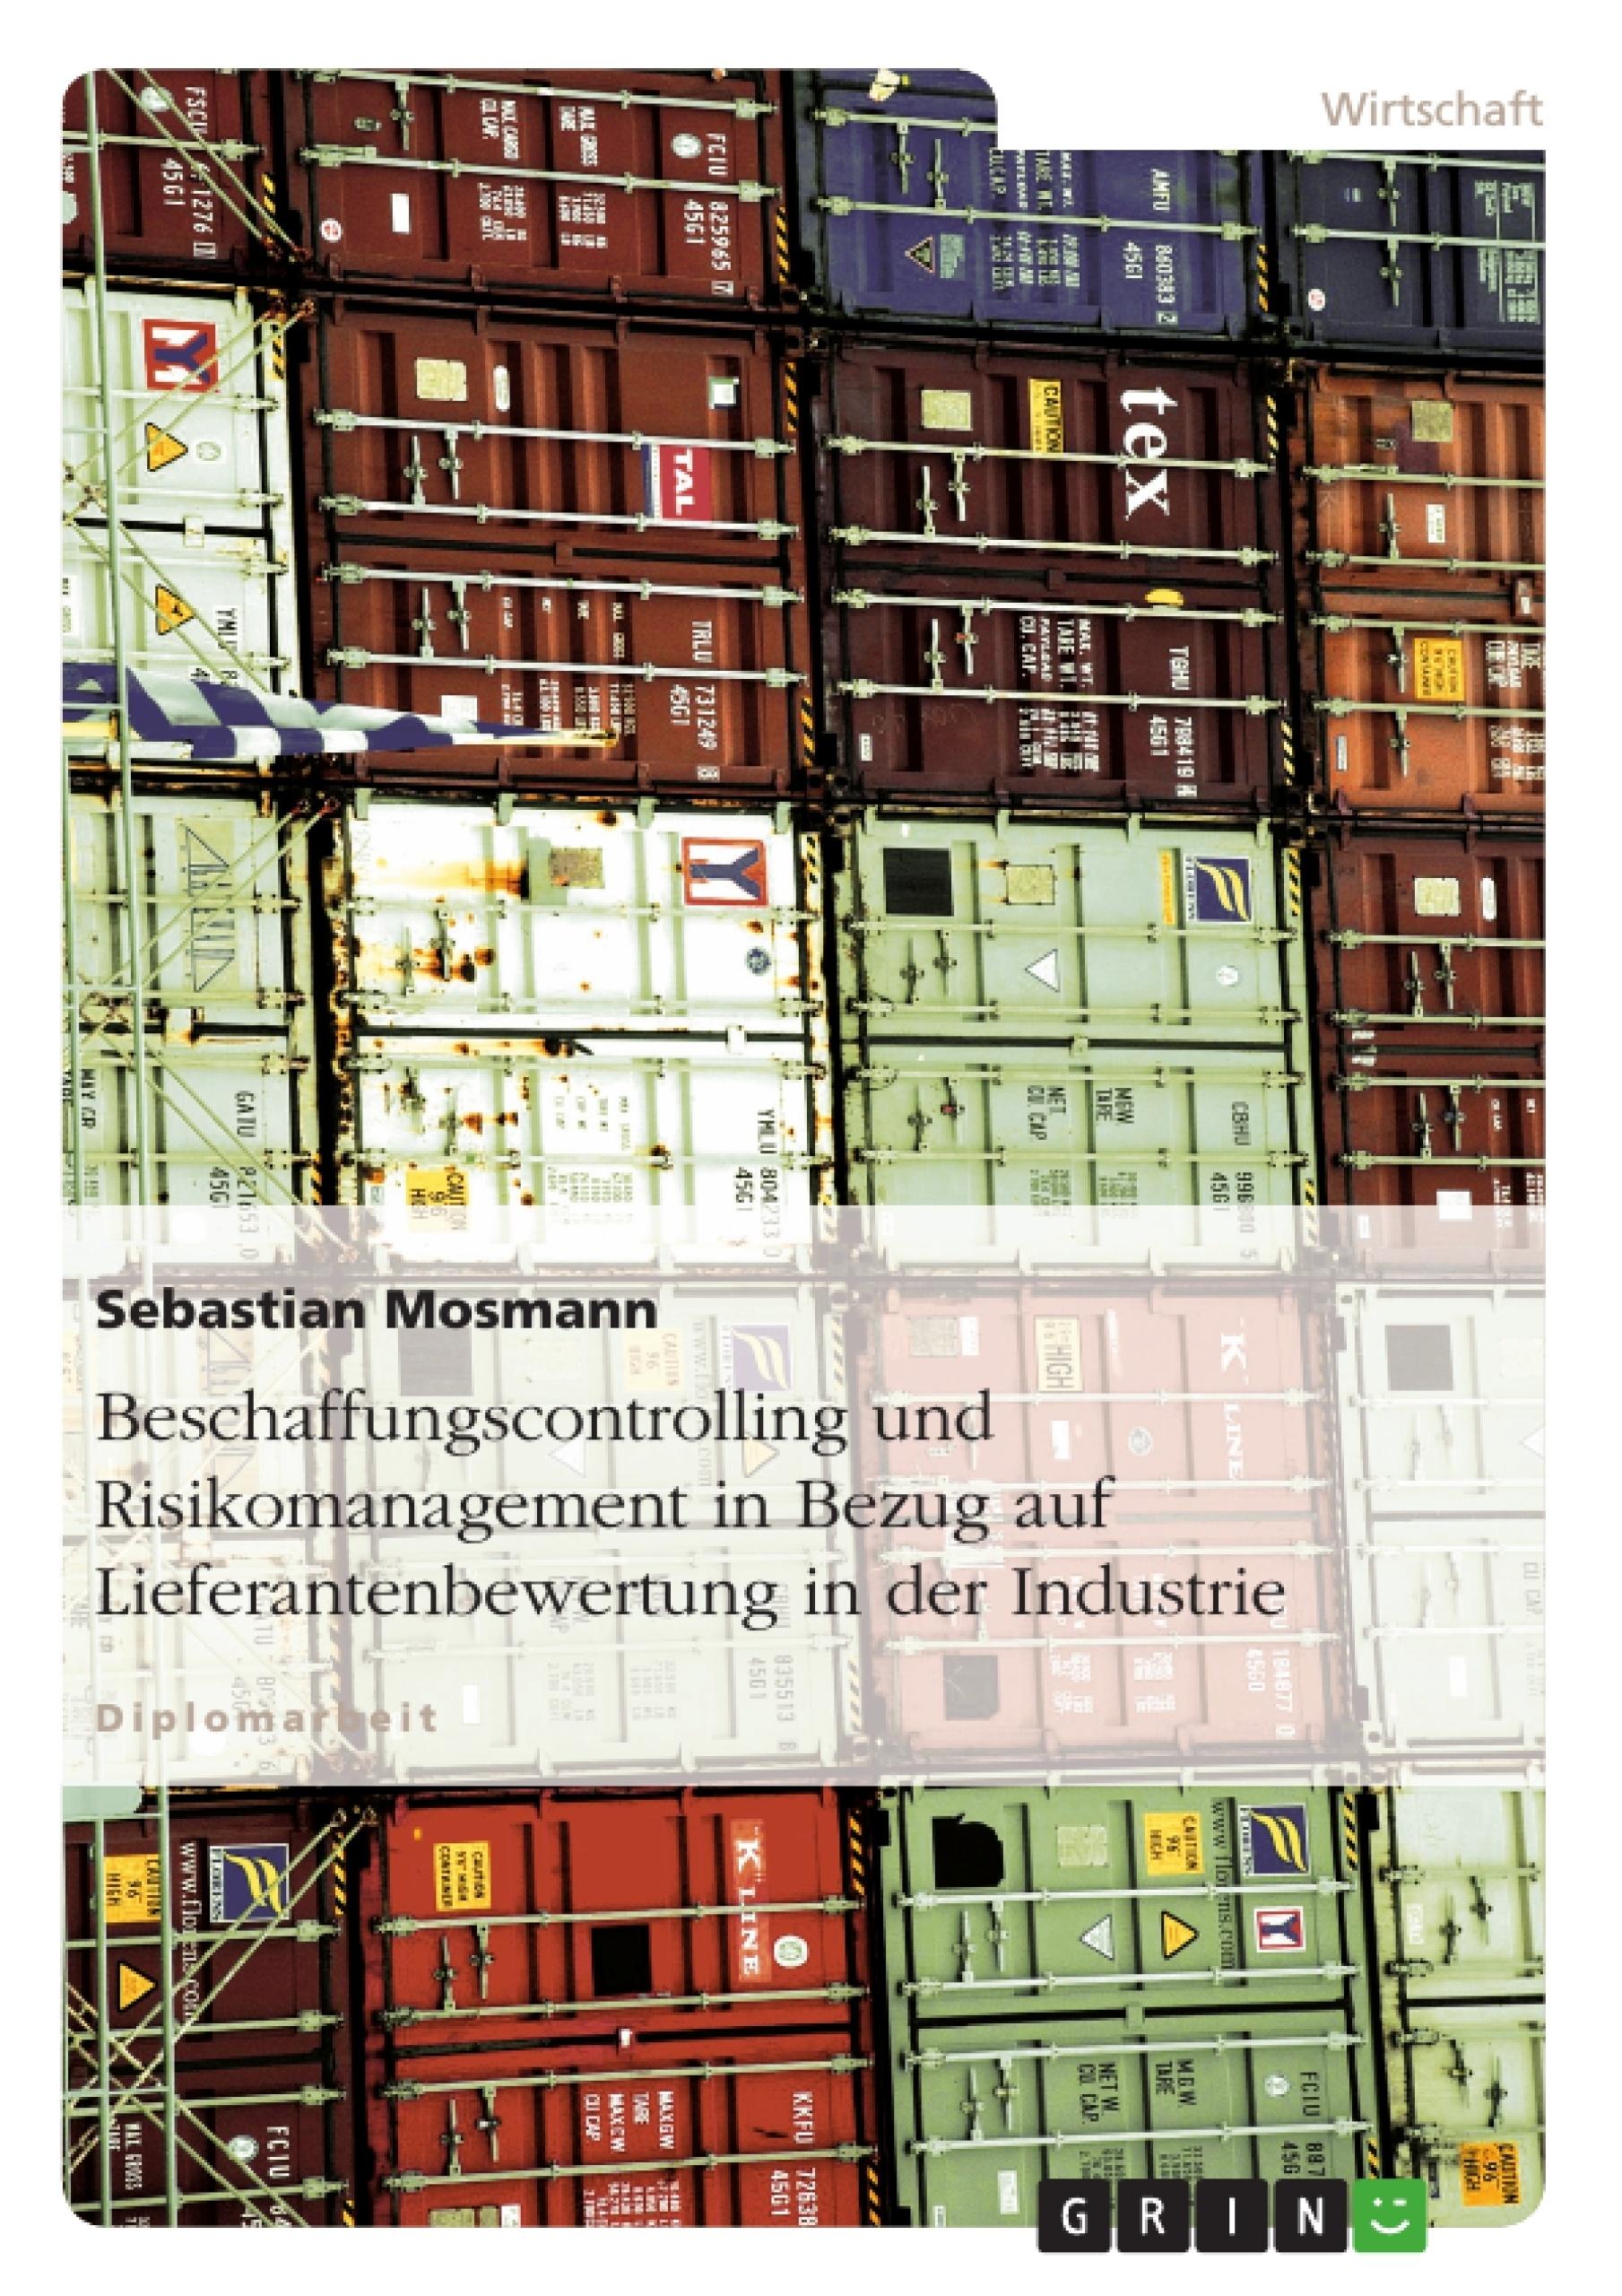 Titel: Beschaffungscontrolling und Risikomanagement in Bezug auf Lieferantenbewertung in der Industrie